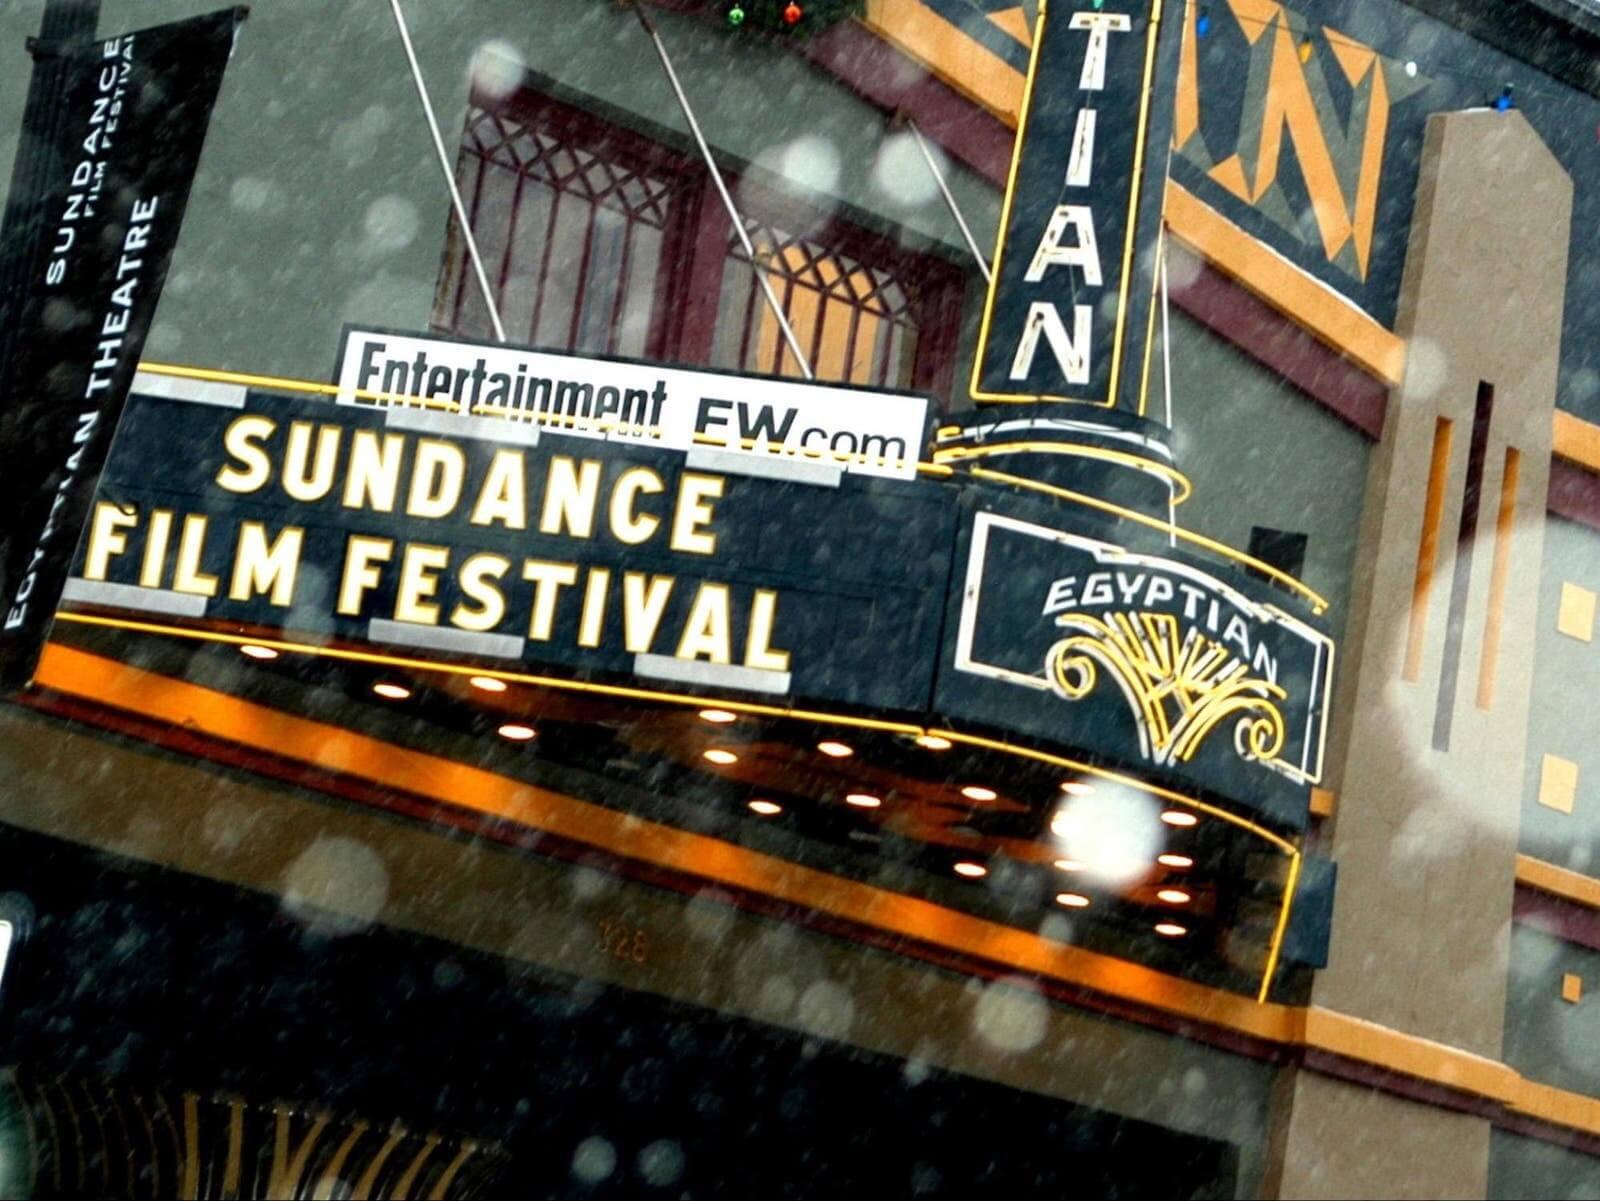 Sundance Film Festival - Park City- Utah - StudioBinder